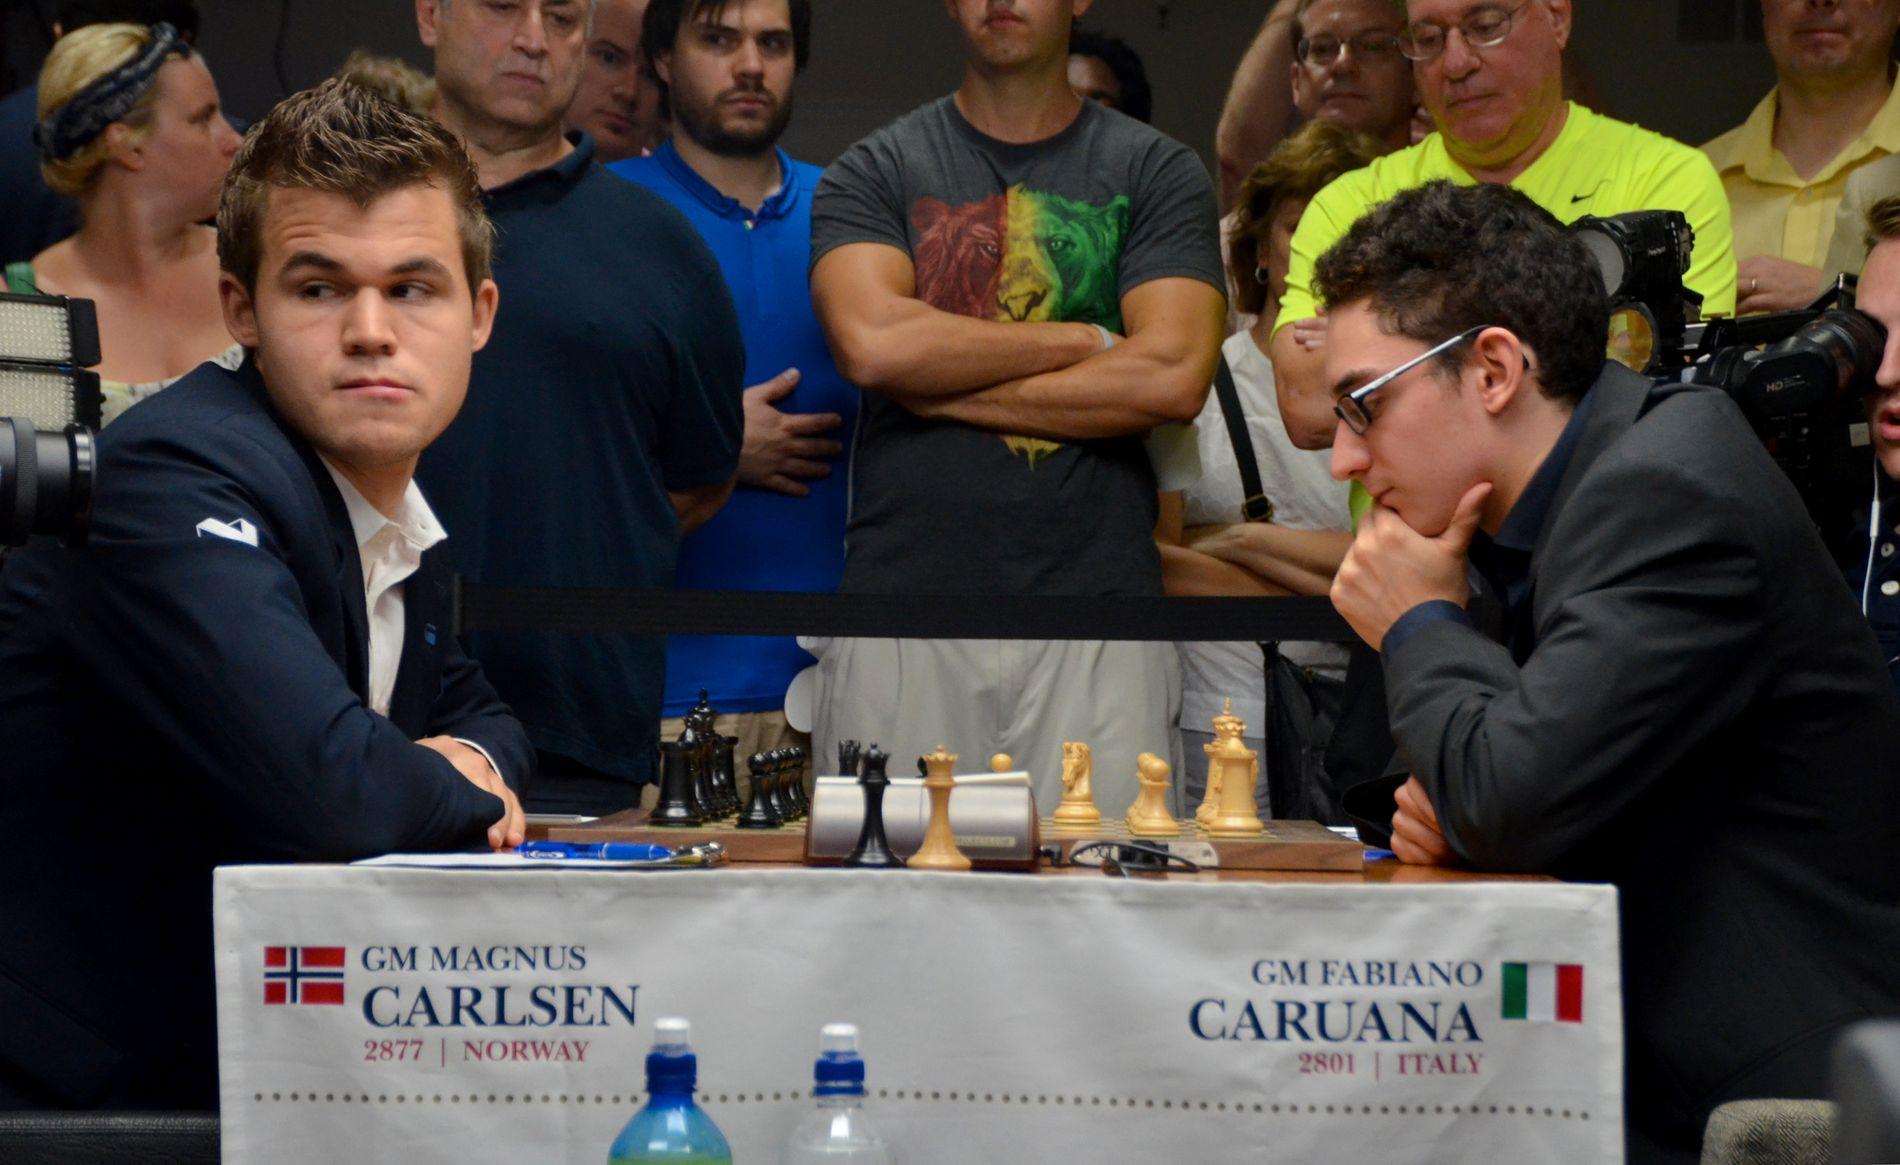 UNGE SPILLERE: Magnus Carlsen (t.v.) er 27 mens Fabiano Caruana (t.h.) er 25. I sjakkverdenen er ikke det nok til å betegnes som gammel.